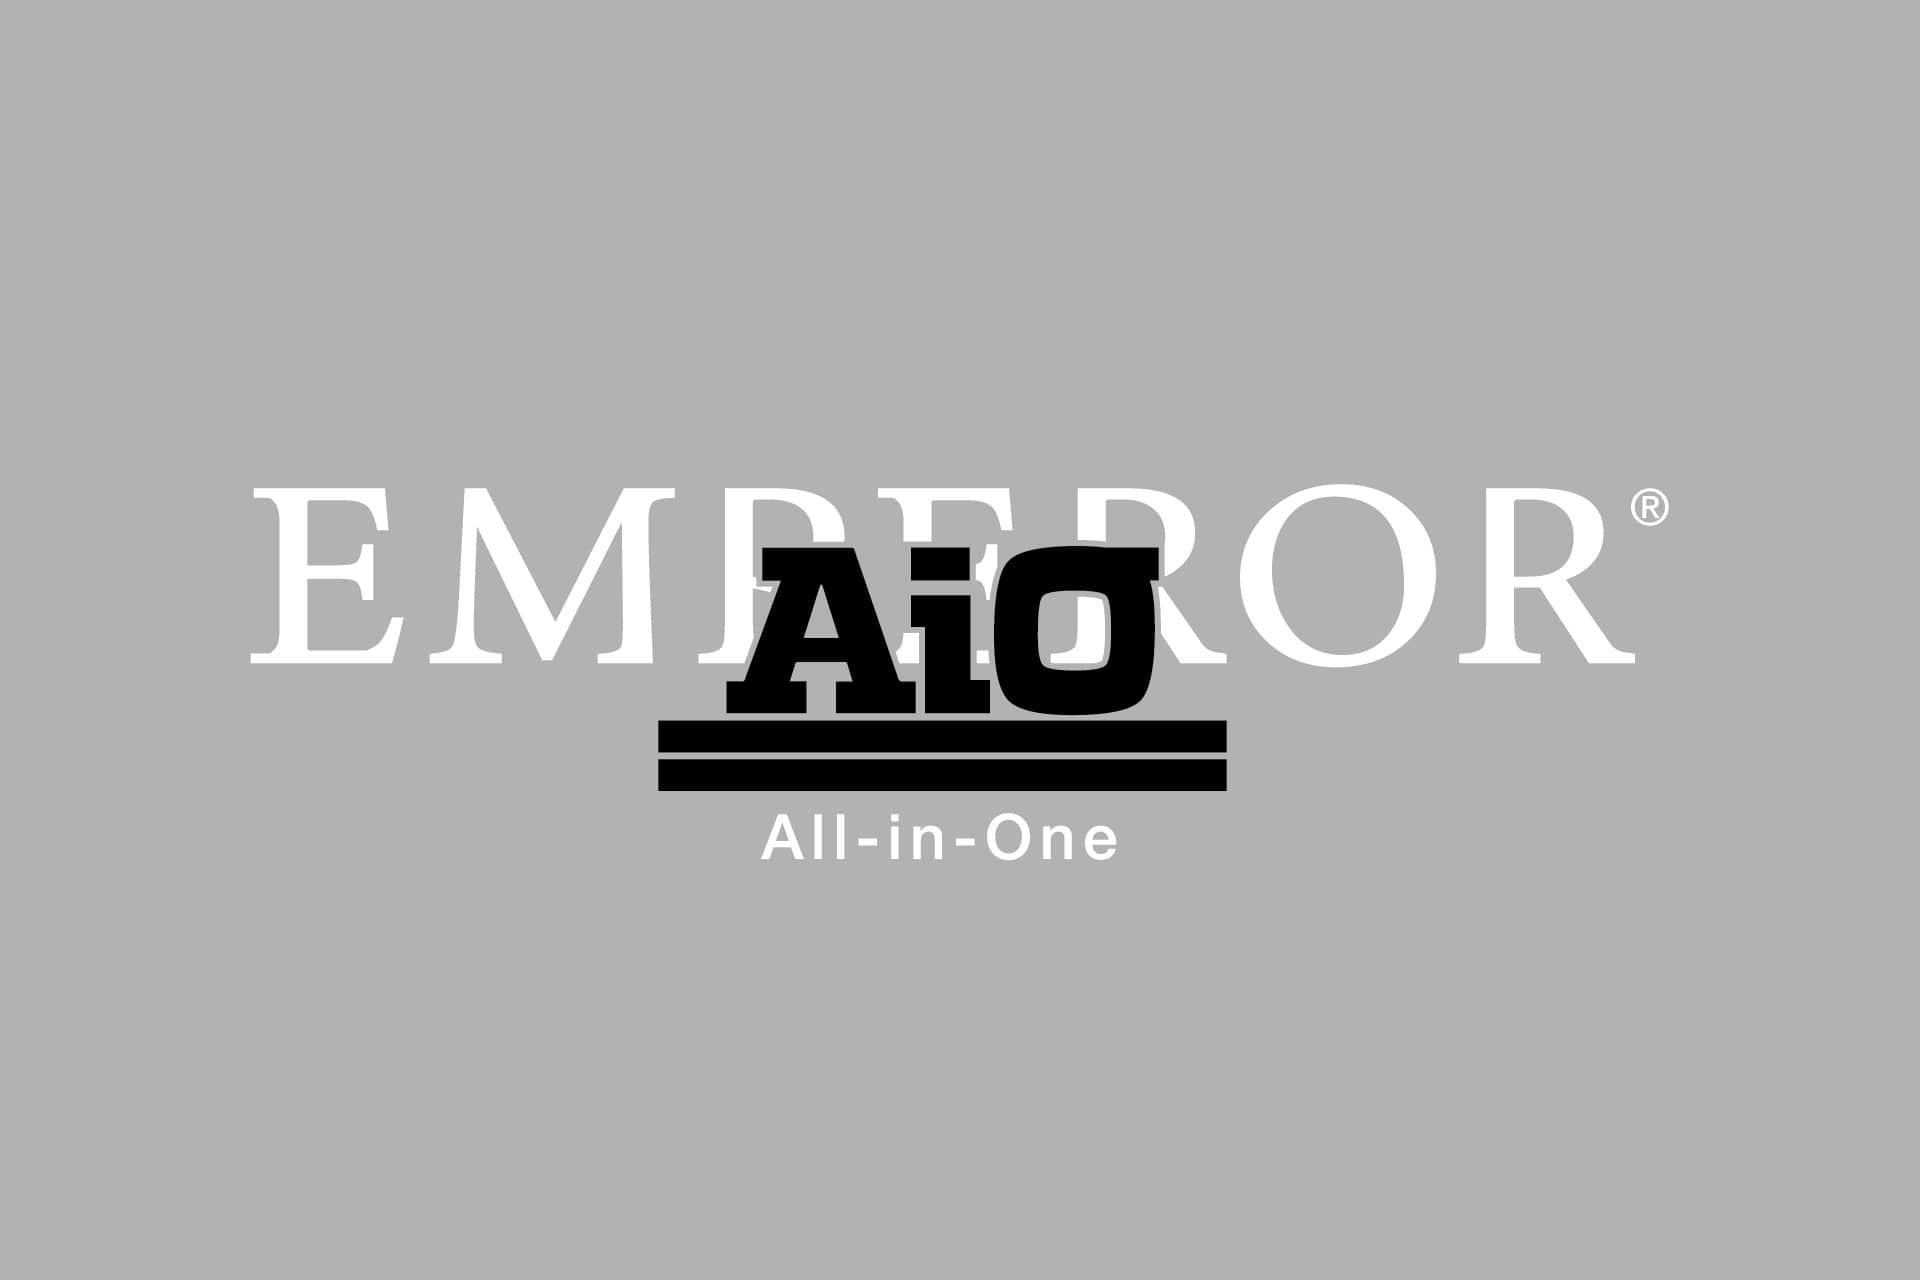 Emperor AiO